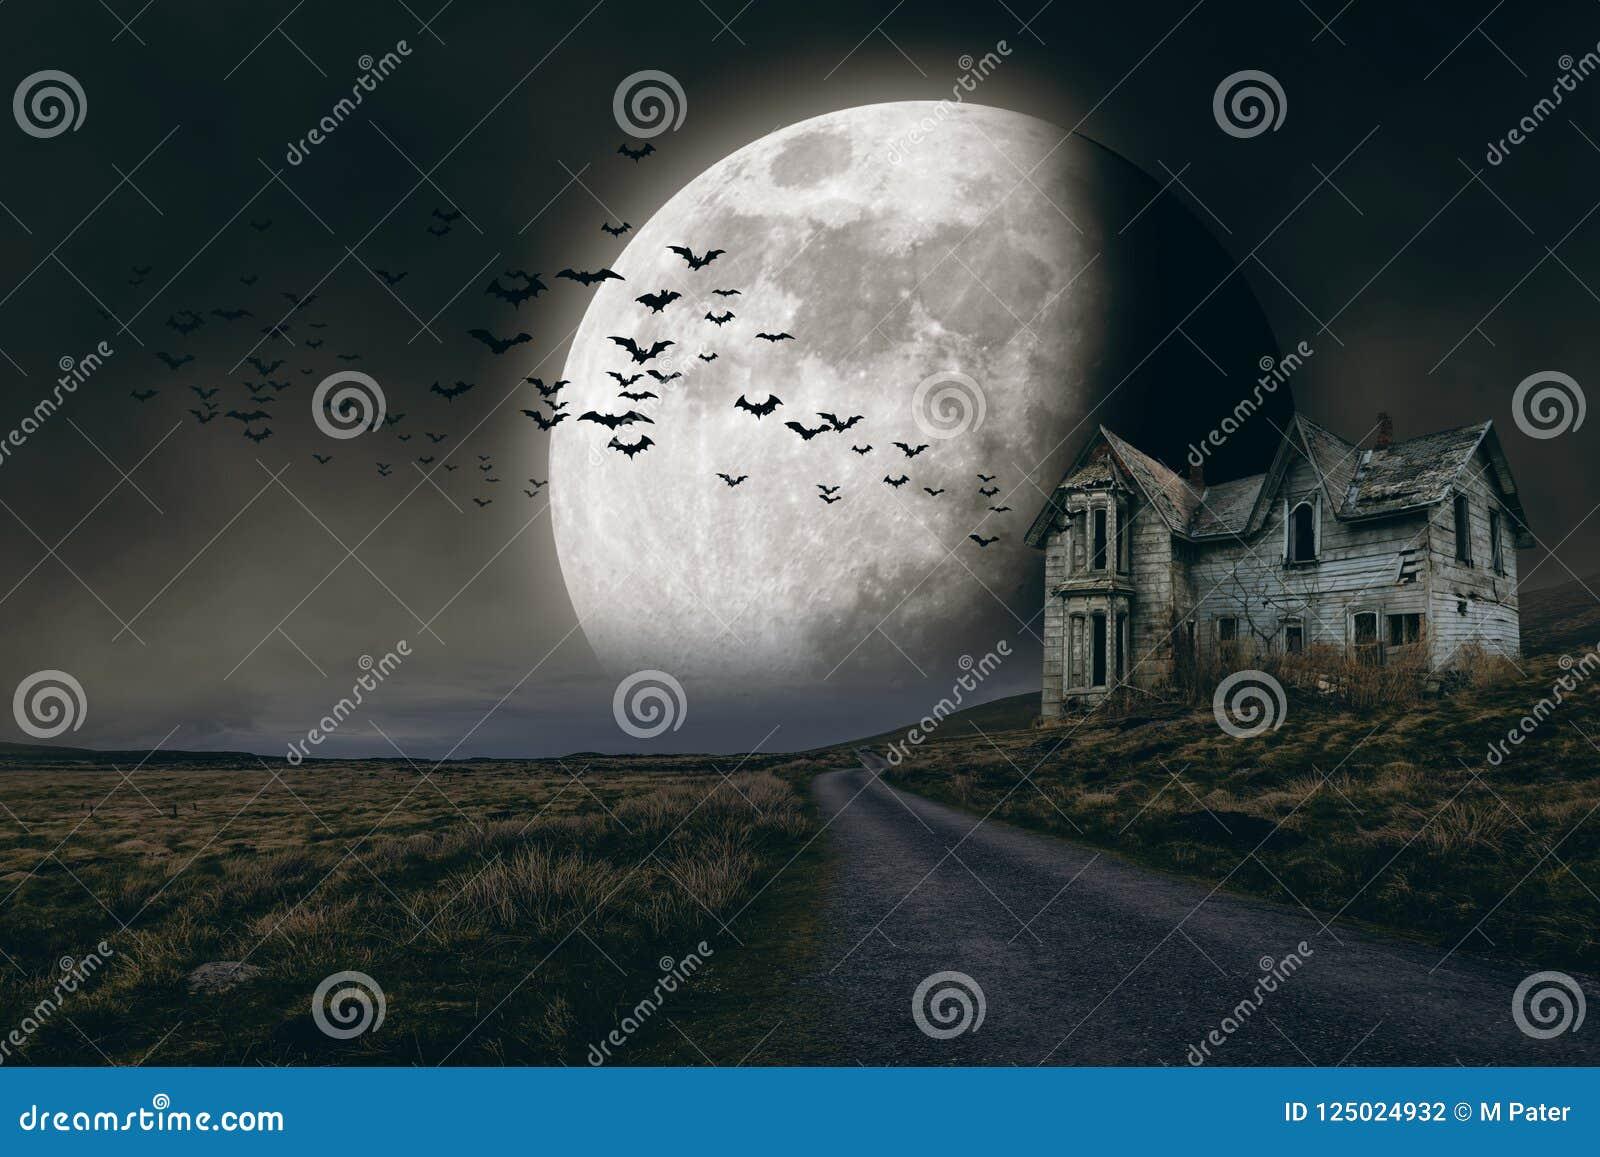 Fundo de Dia das Bruxas com Lua cheia e a casa assustador